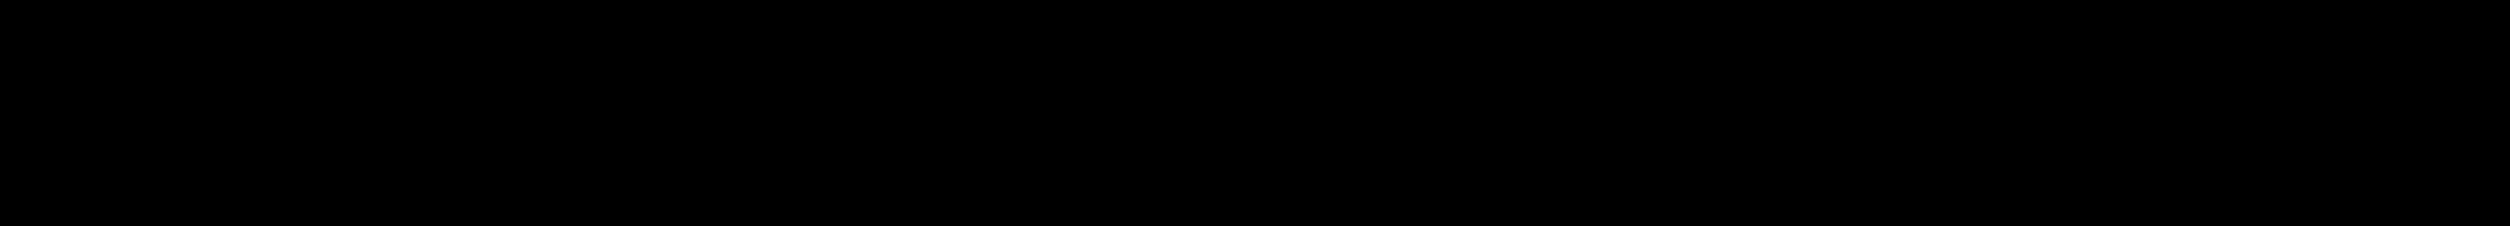 ヘ音記号の「ドレミファソラシド」